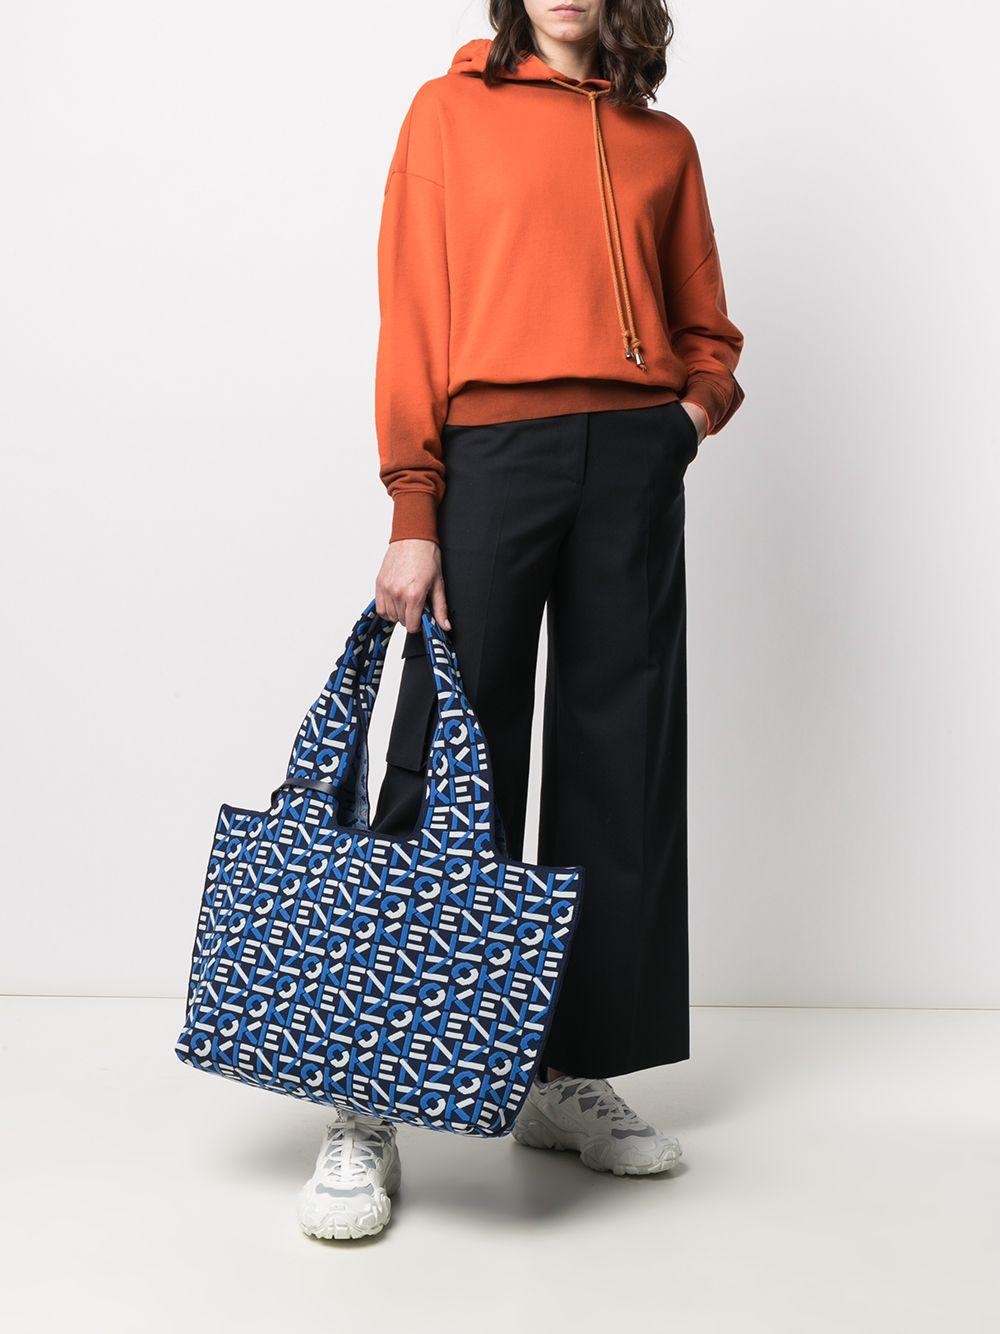 SHOPPING BAG KENZO | Bags | FA62SA520F1077